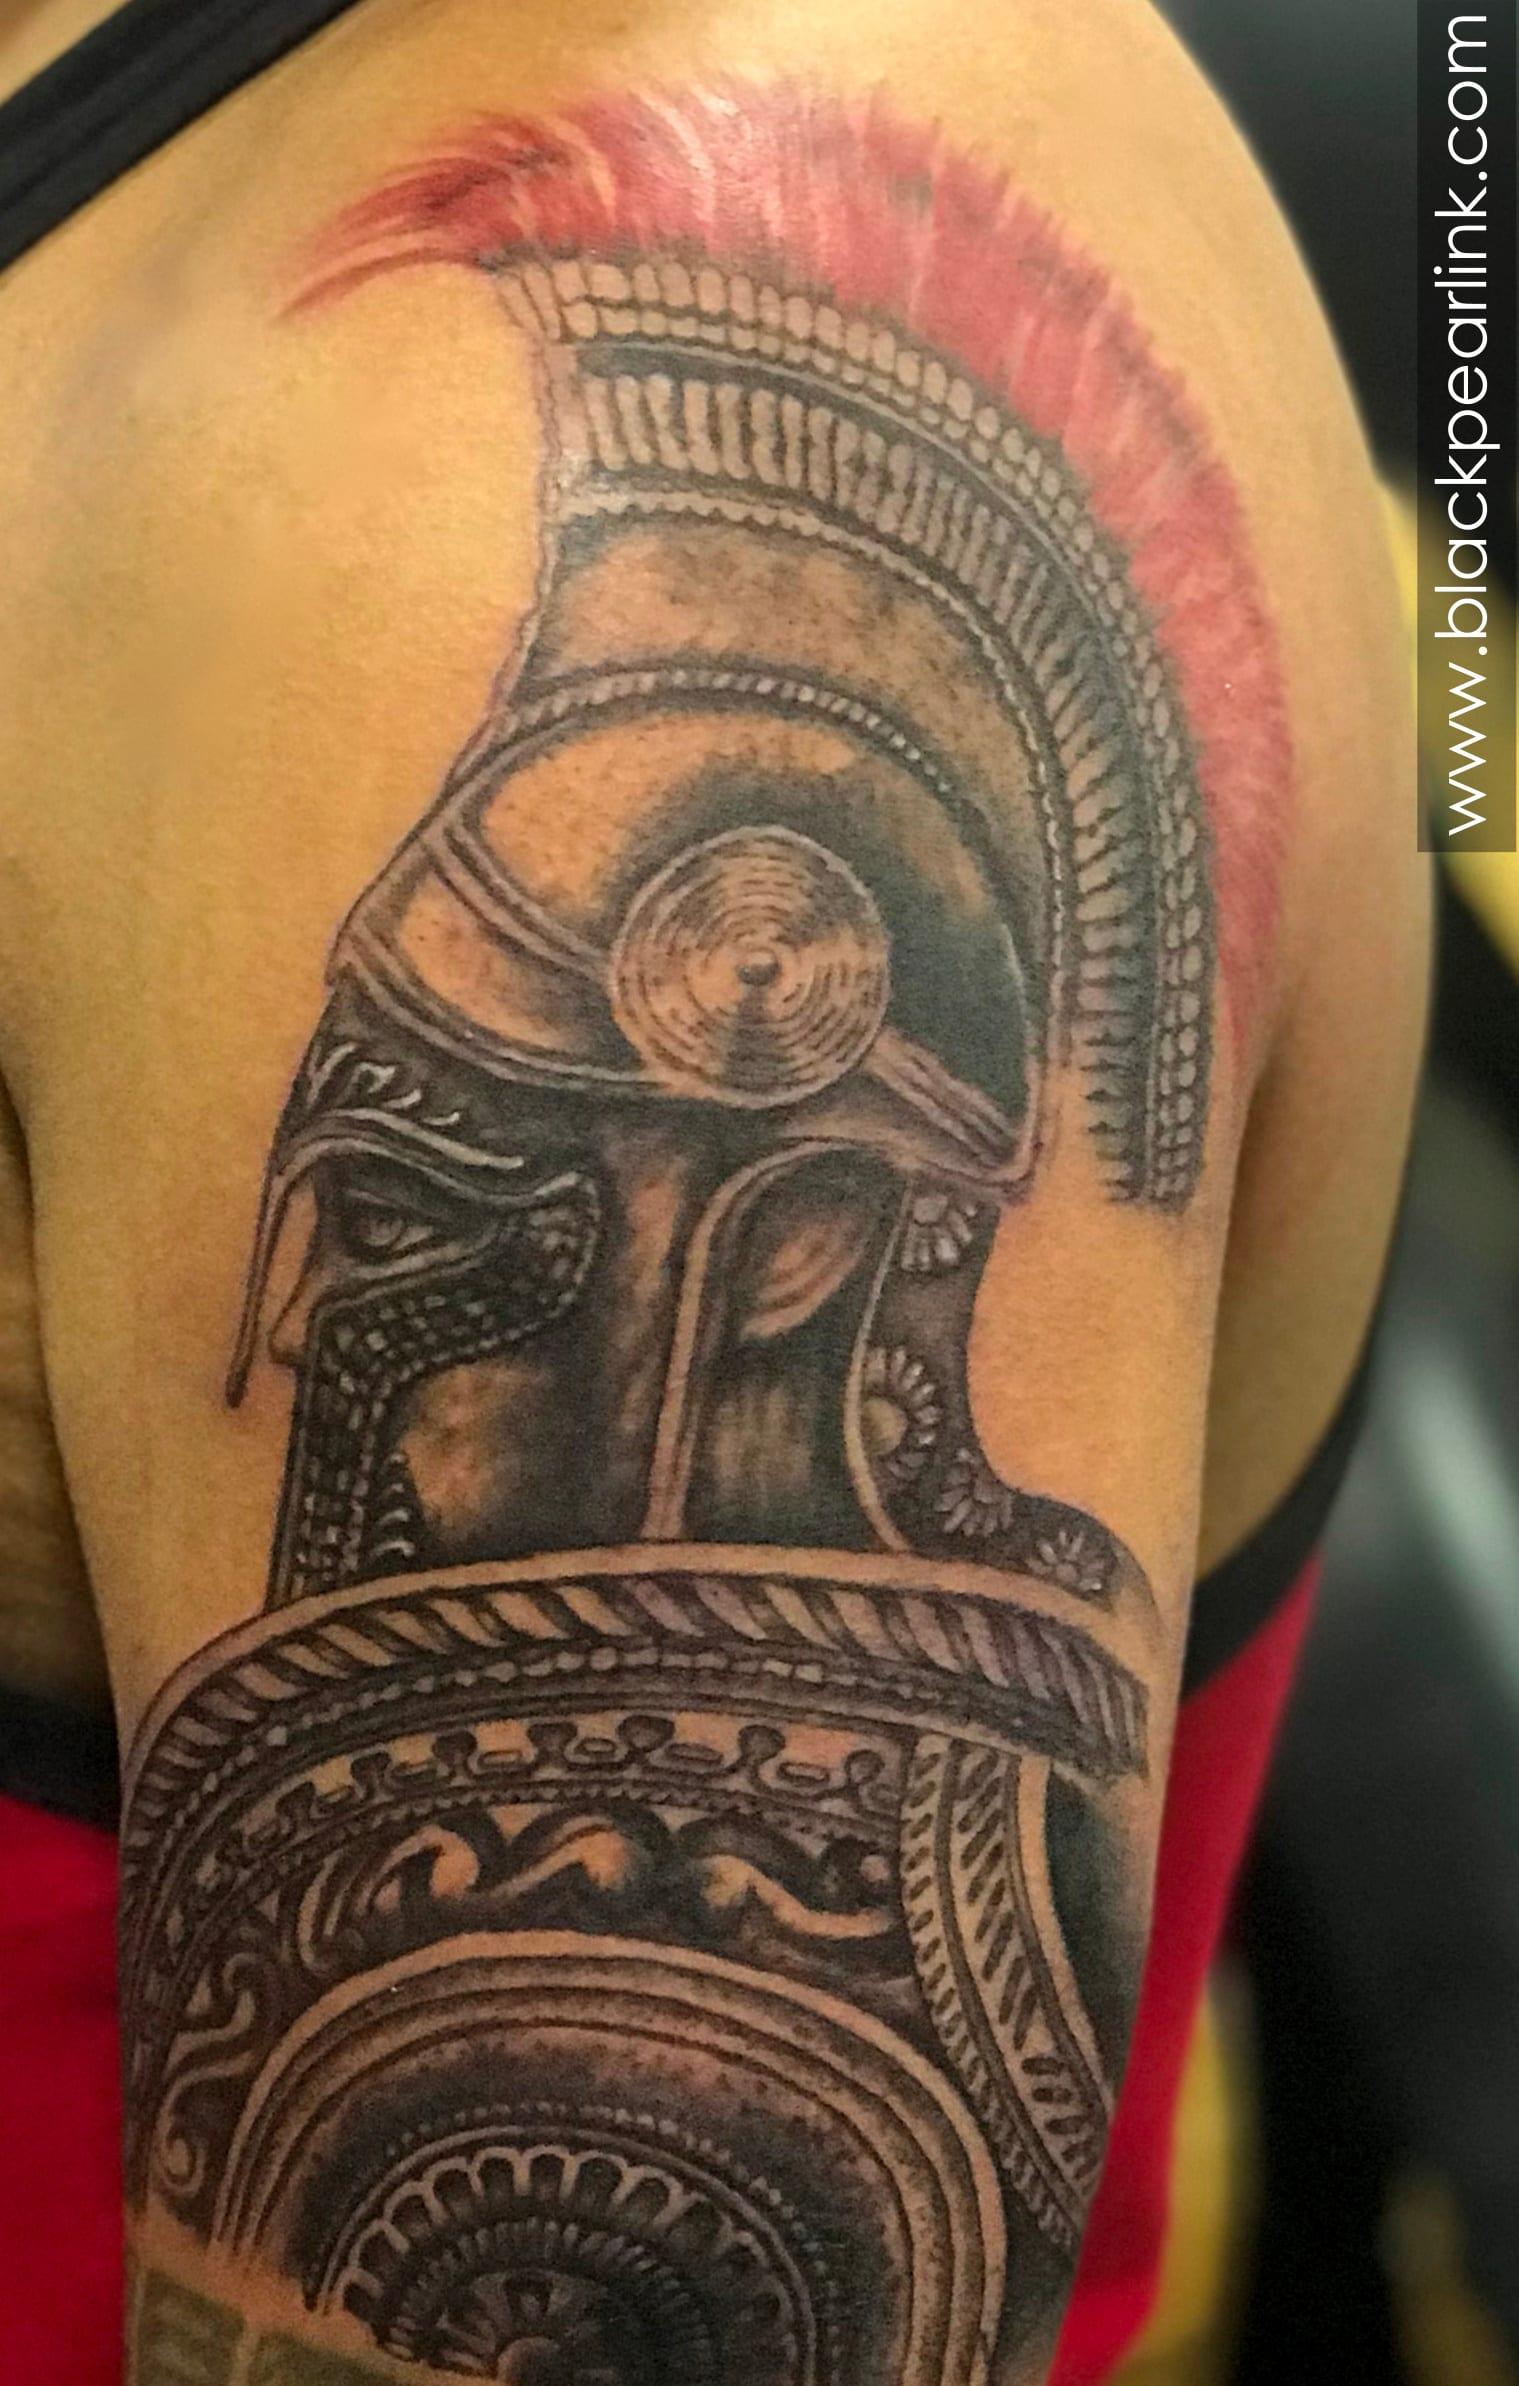 Roman Warrior Tattoo on Half Sleeve